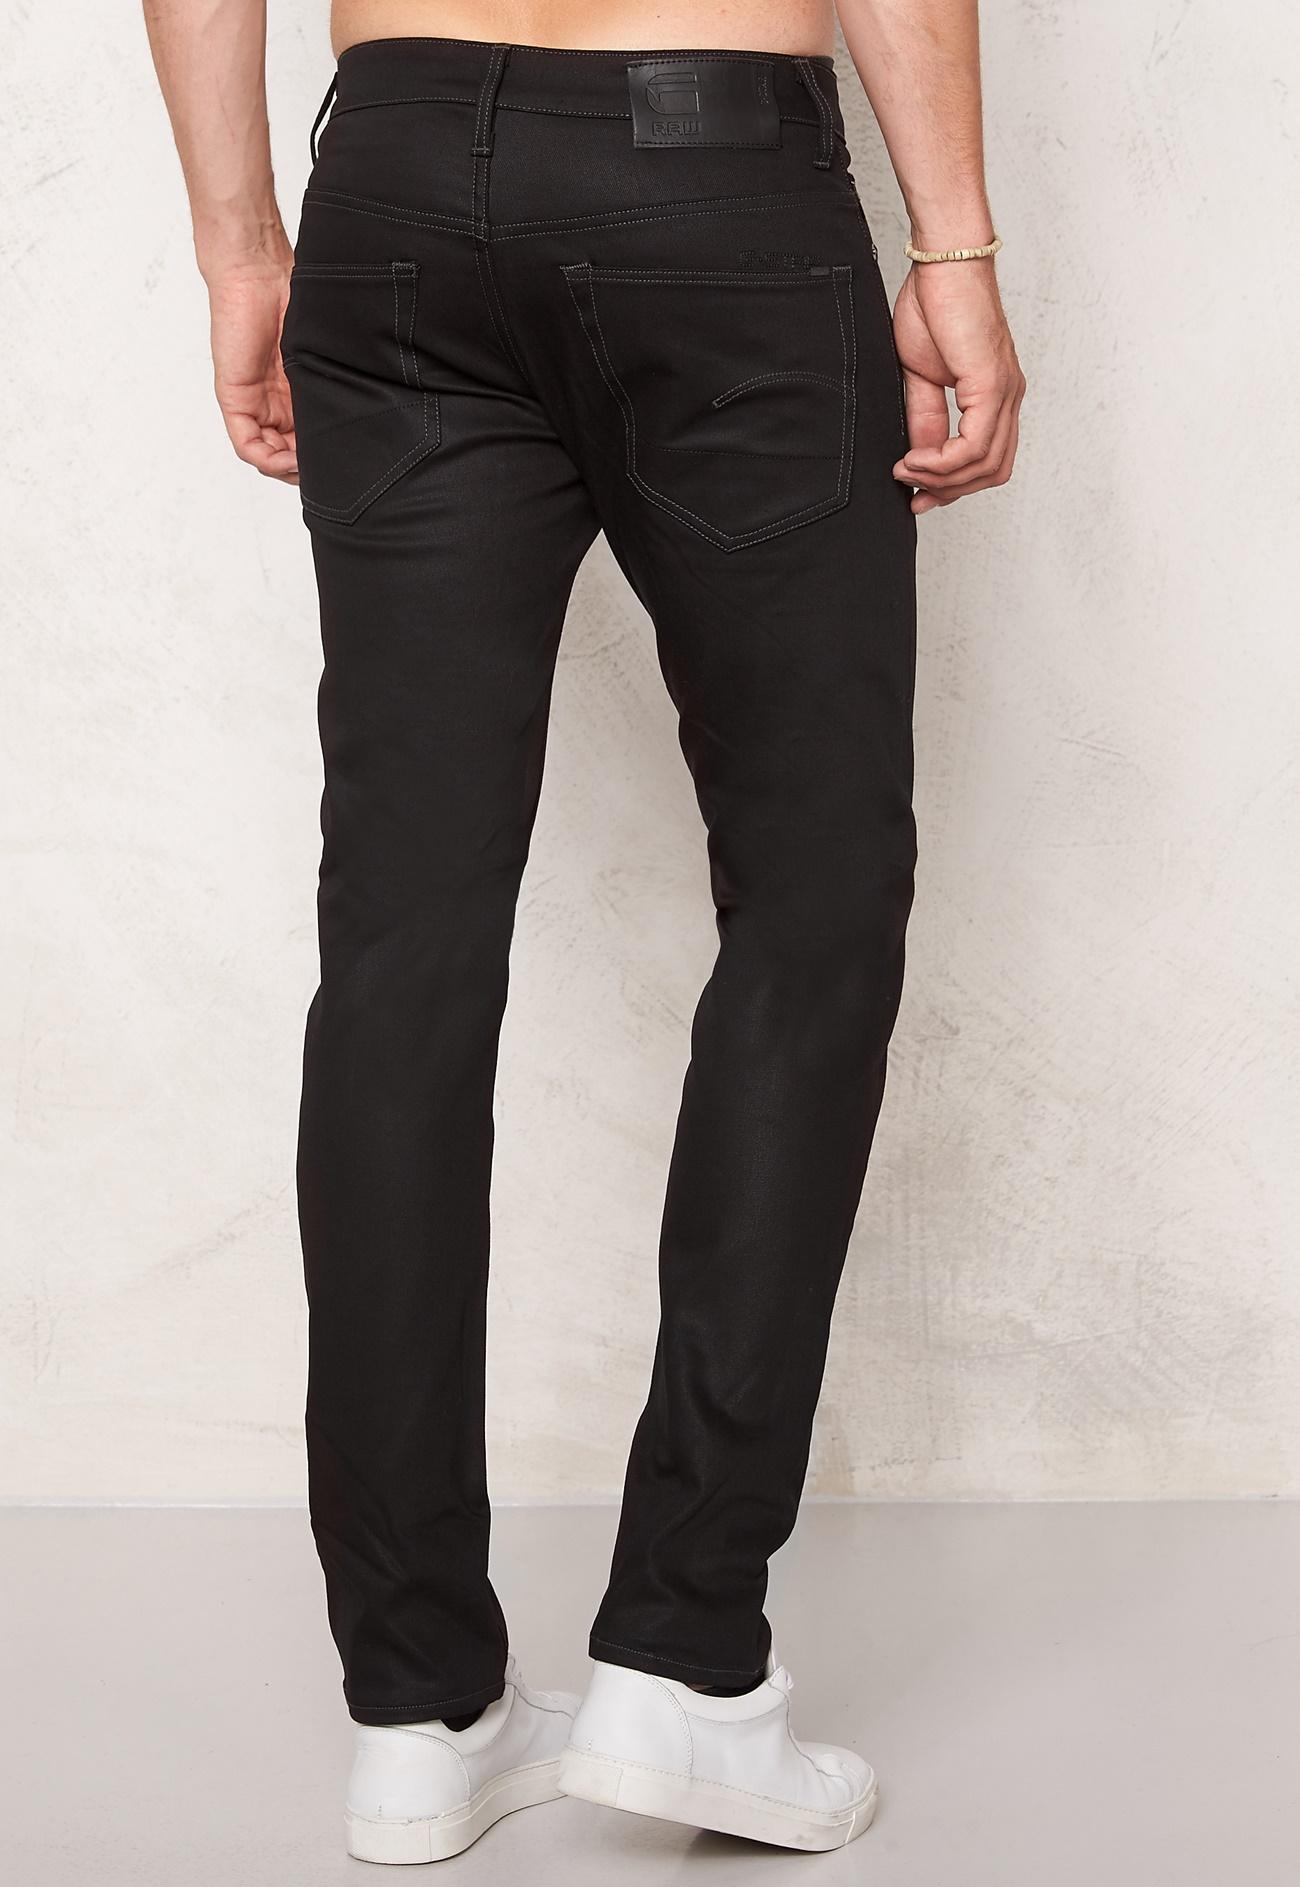 g star 3301 slim jeans raw black bubbleroom. Black Bedroom Furniture Sets. Home Design Ideas